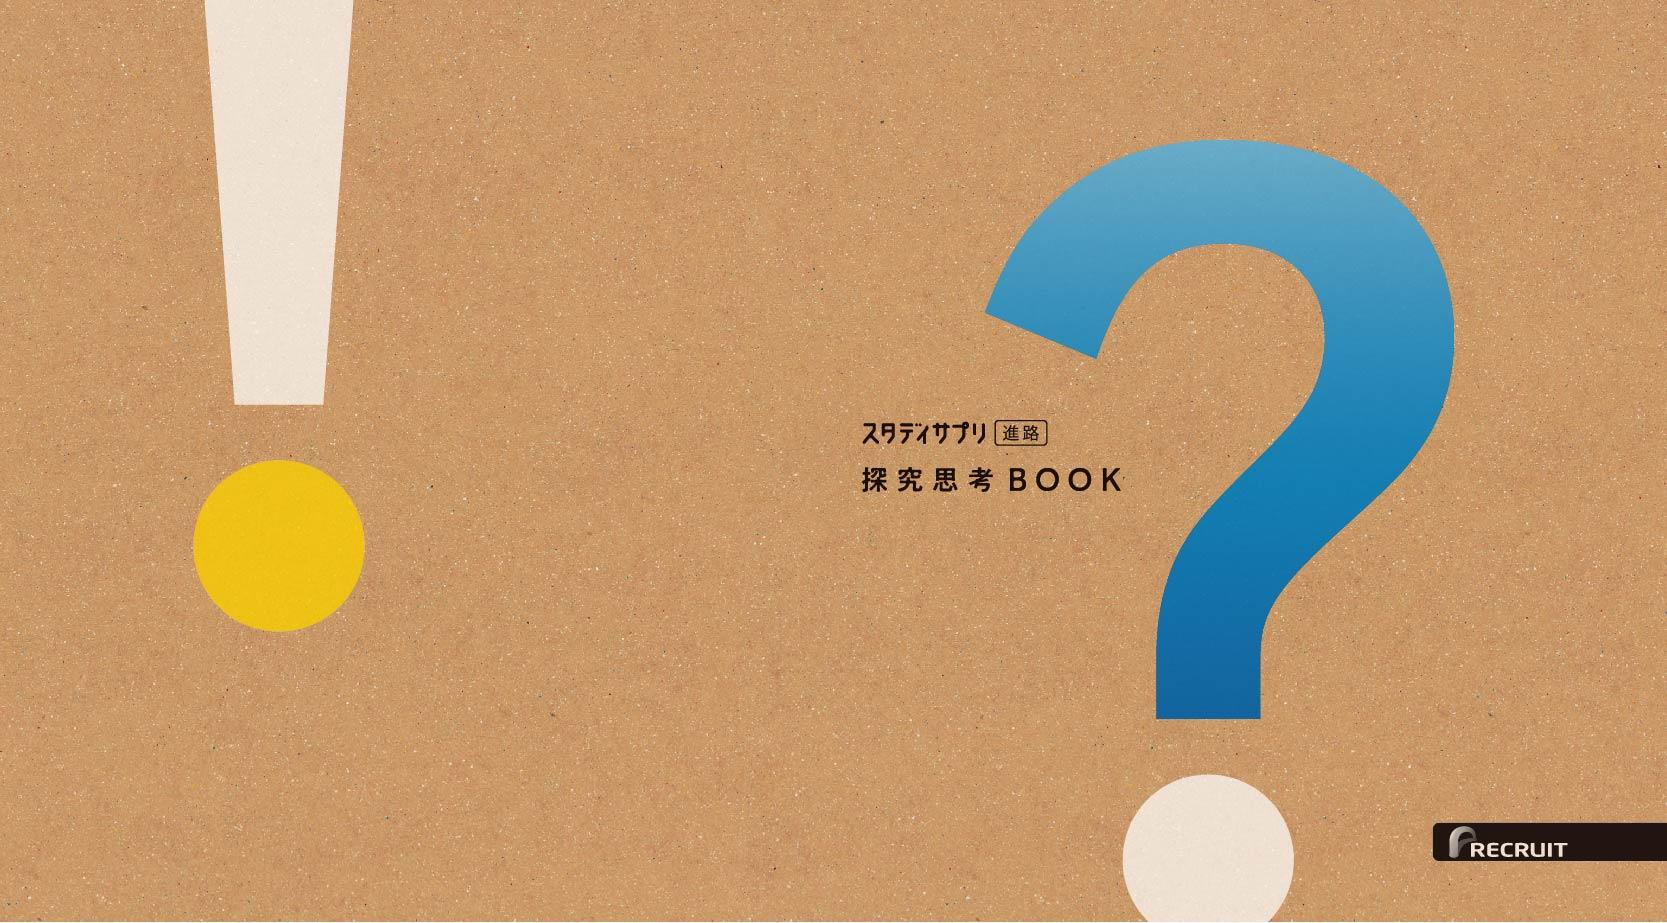 スタディサプリ進路「探究思考講座・BOOK」のイメージ